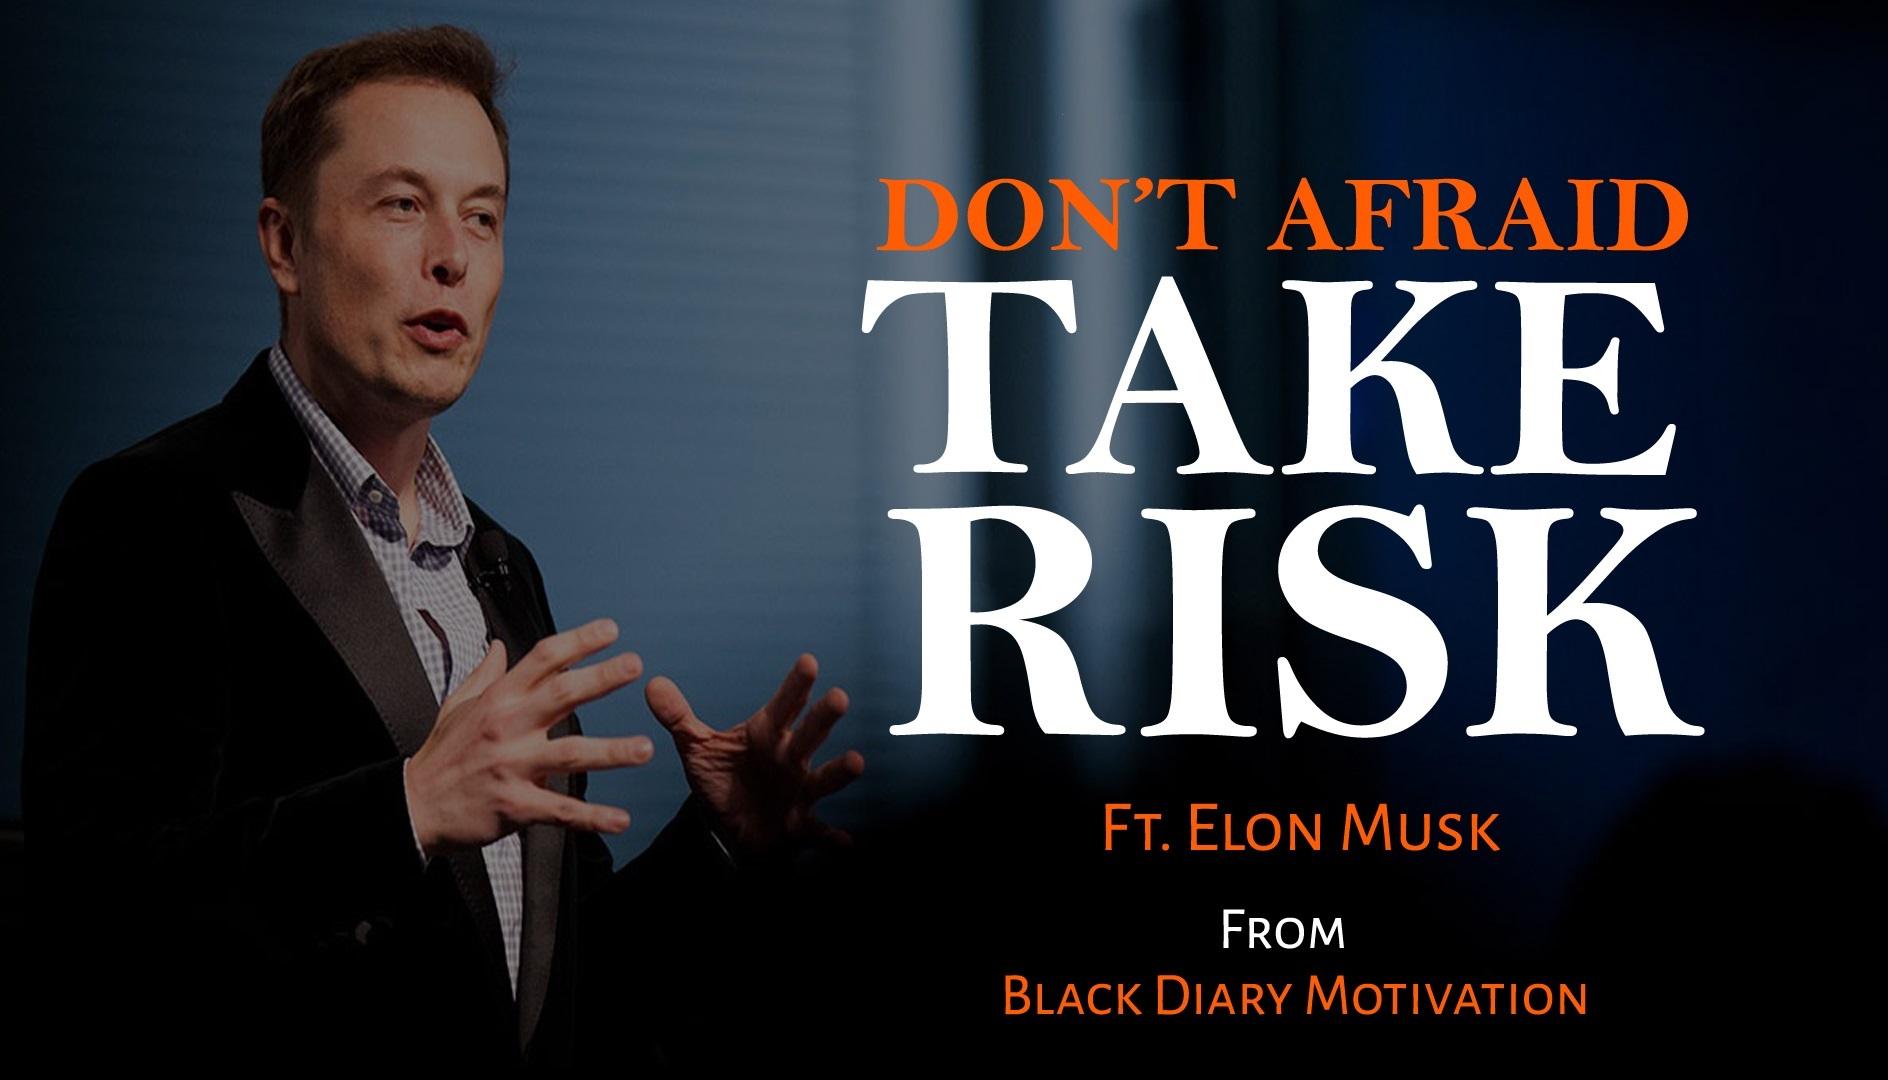 不要害怕冒險,伊隆·馬斯克(SpaceX & Telsa 總裁) (圖片擷取自Black Diary Motivation)